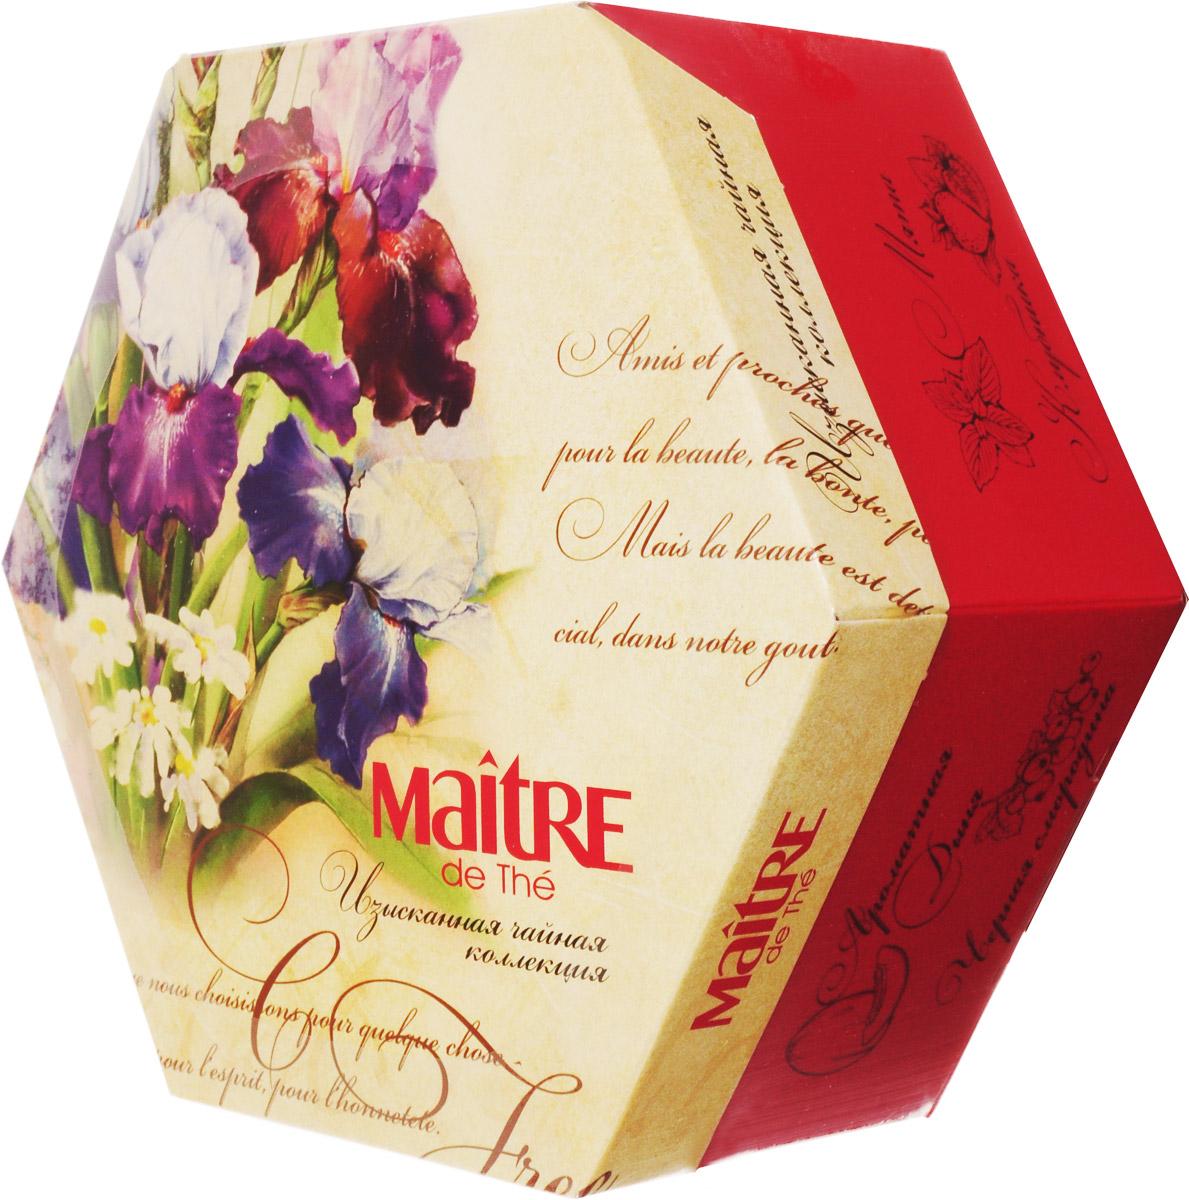 Maitre Изысканная чайная коллекция набор чая в пакетиках, 60 шт maitre de the де люкс зеленый листовой чай 65 г жестяная банка